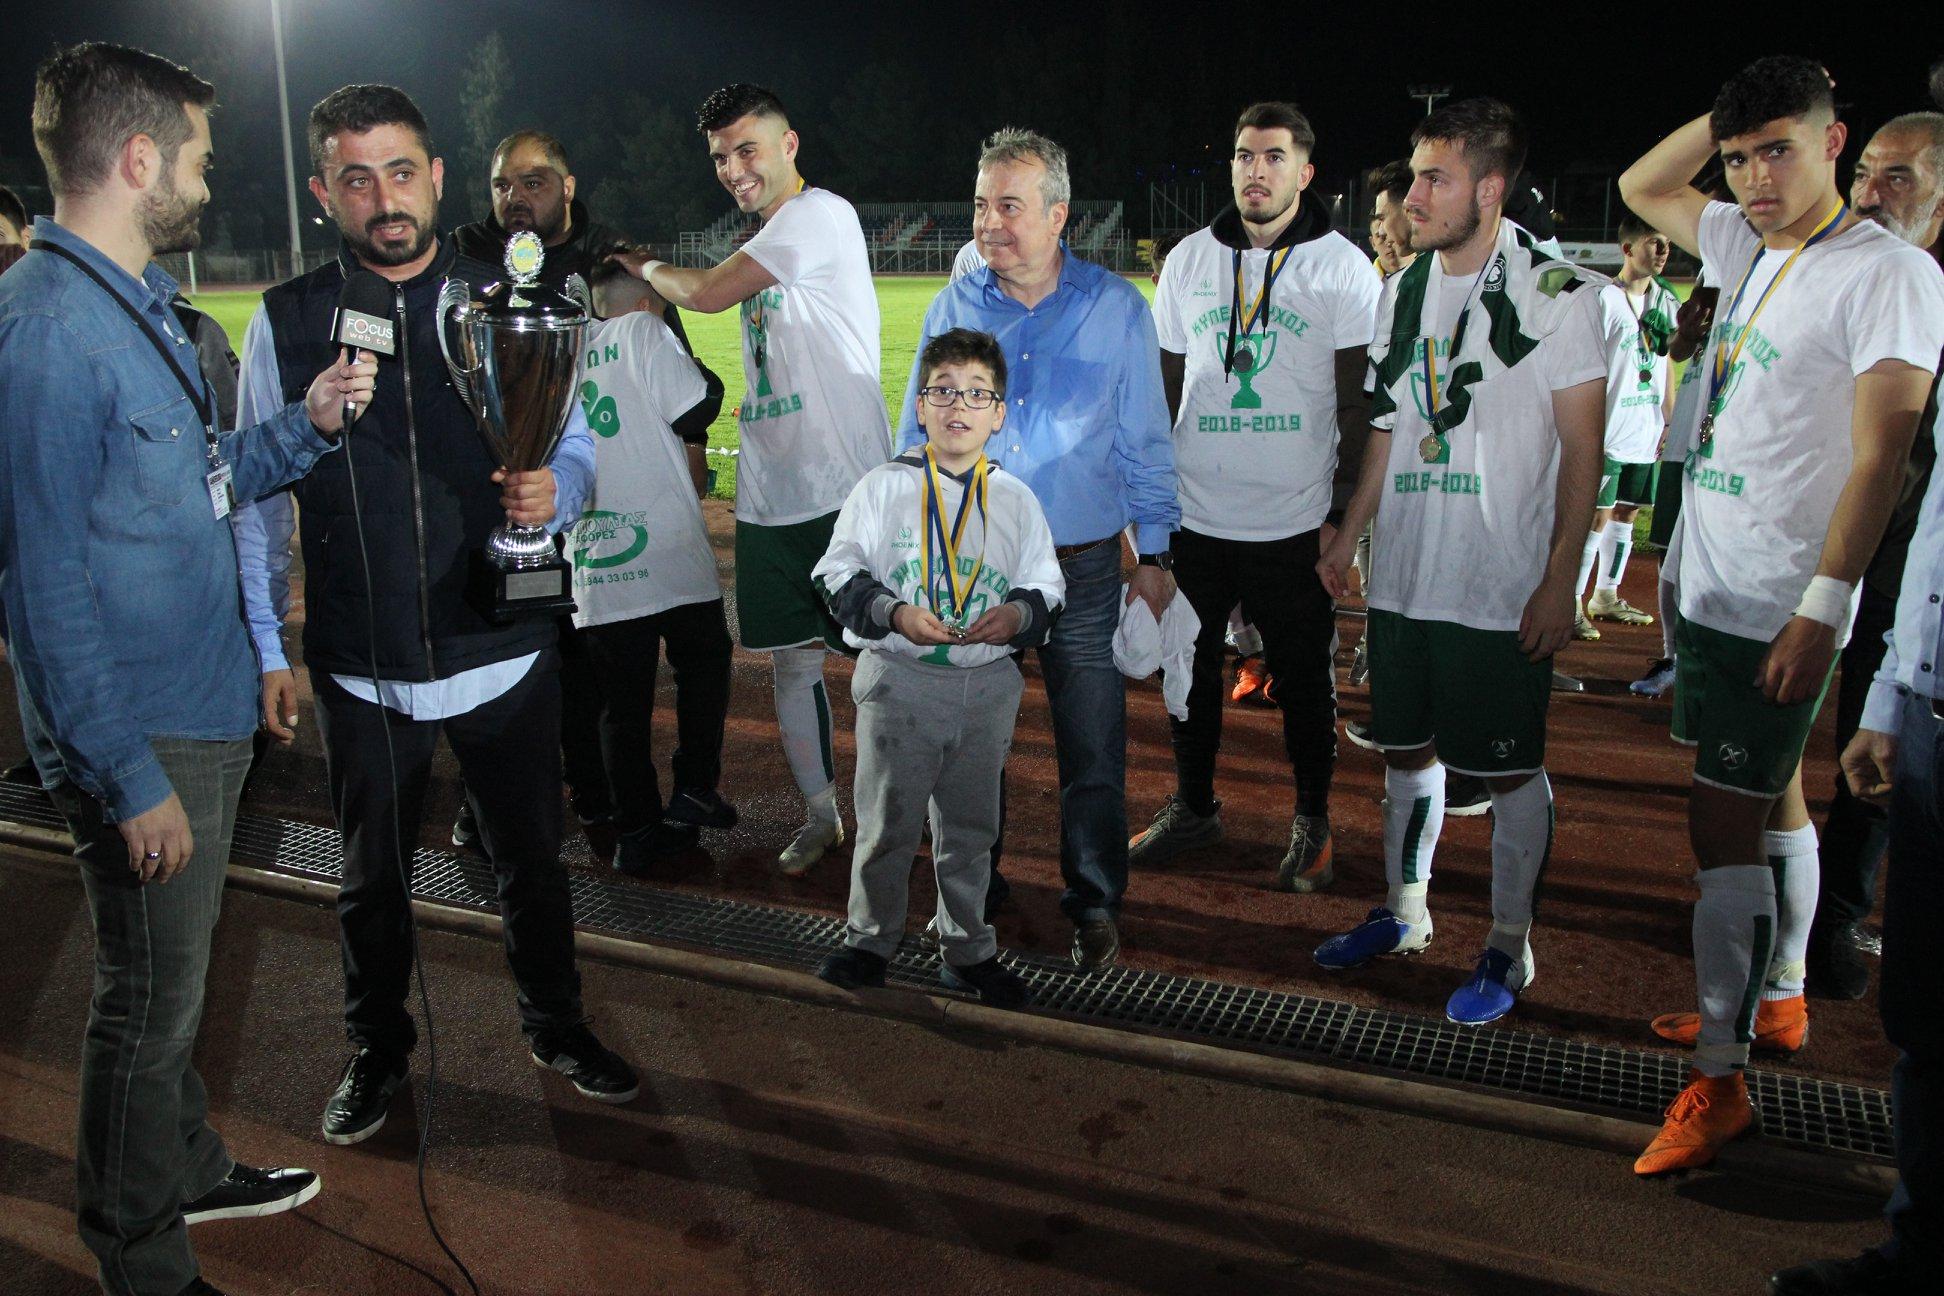 """Κλάδης: """"Καλή επιτυχία σε Μιχάλη Τσορπατζίδη στις εκλογές στο Δήμο Αχαρνών, το αξίζει όσο κανείς άλλος""""!"""